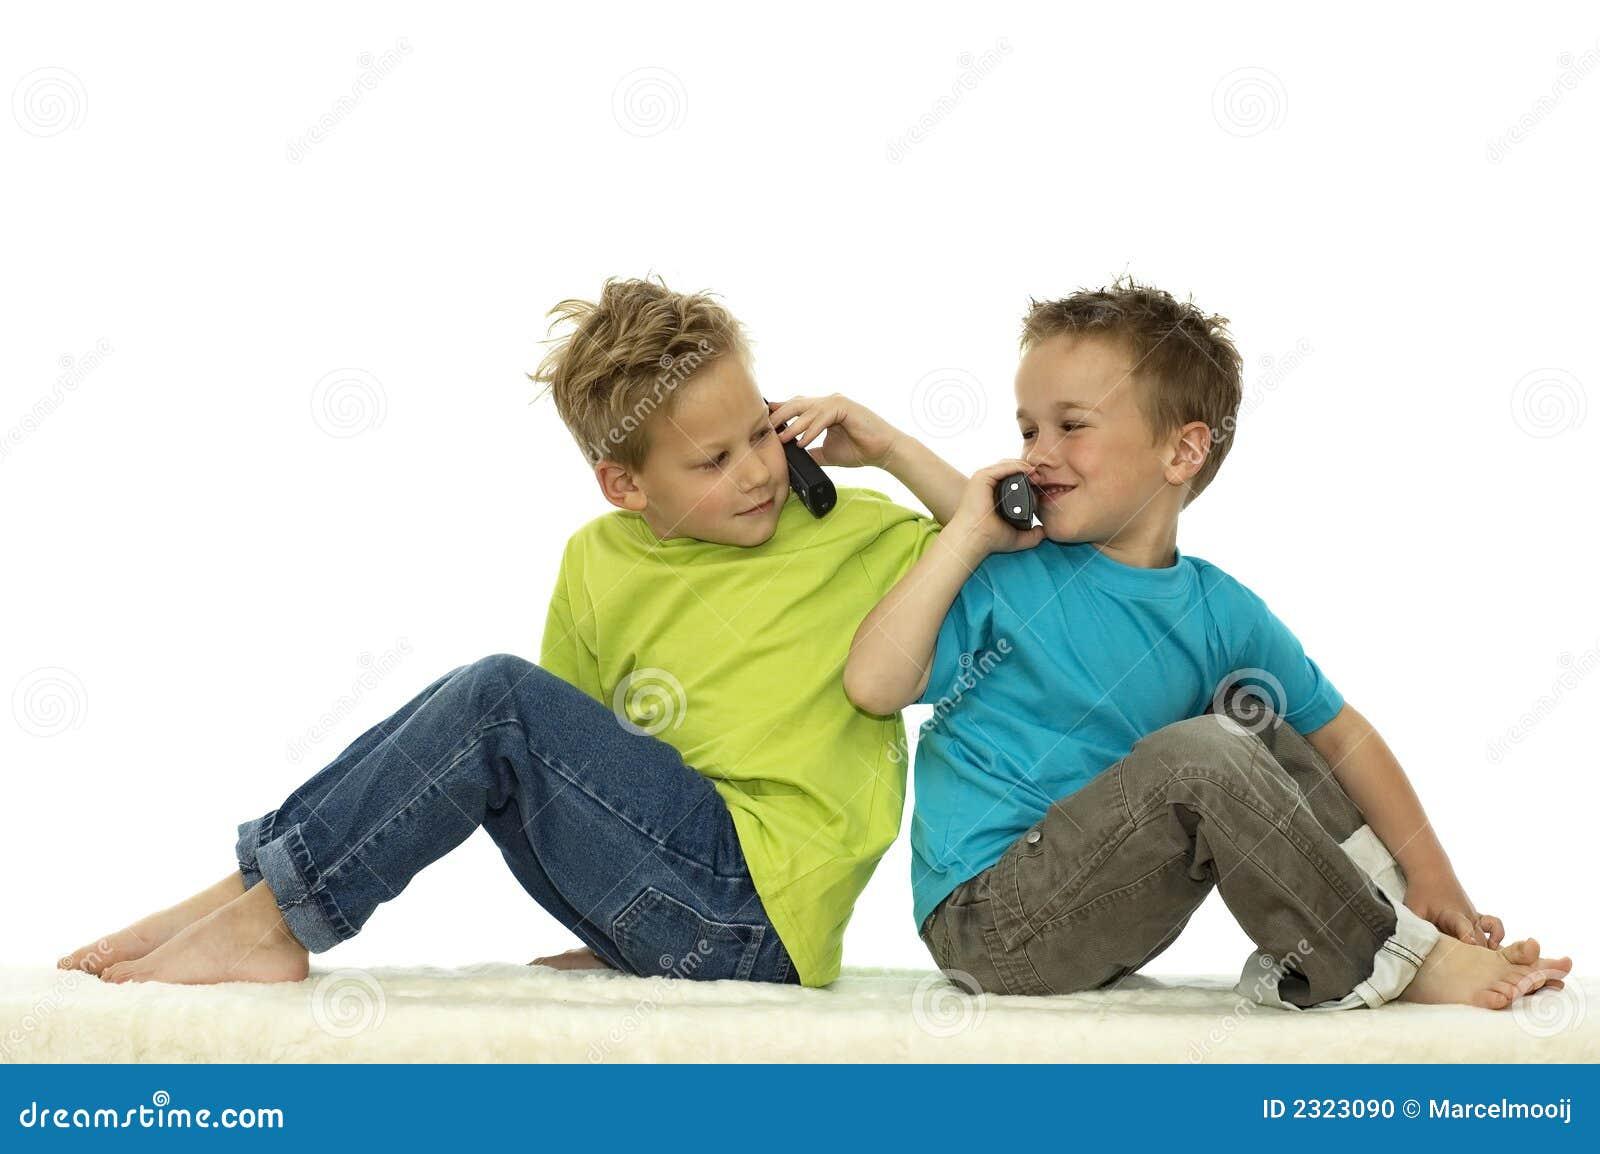 Zwei Freunde Vergnügen Sich Miteinander